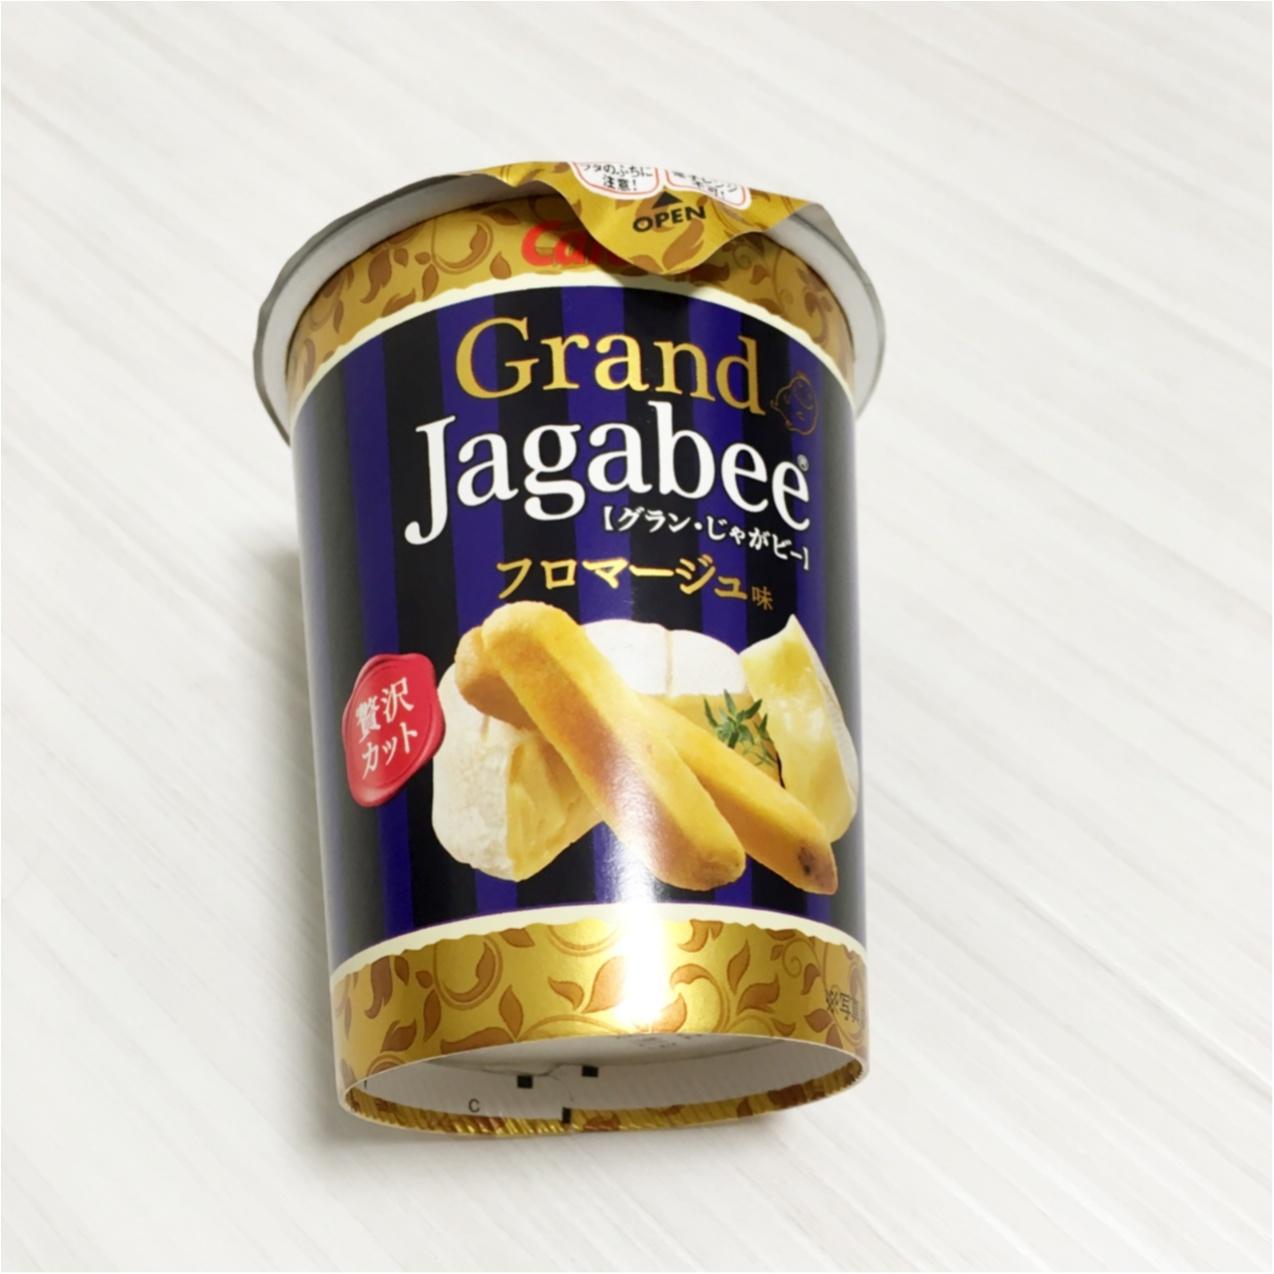 《 新発売 》濃厚チーズが美味しい ♡ Grand Jagabeeのフロマージュ味 ♡_2